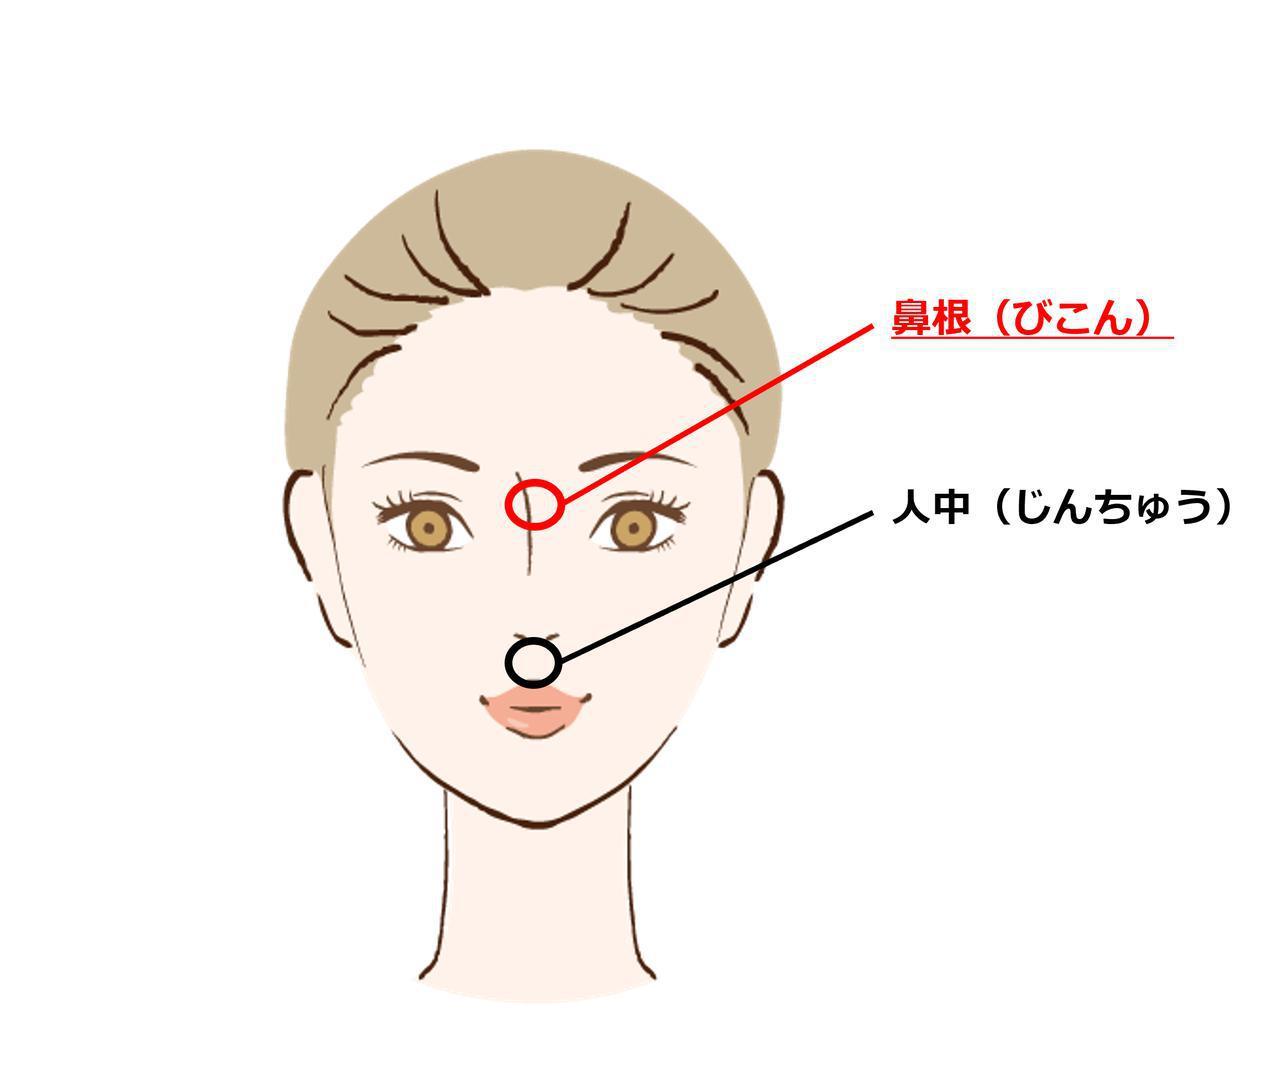 """画像1: 次のトレンドは""""鼻根""""?今春頃から """"整形術・整形部位メイクテクニック""""ワードが出現"""